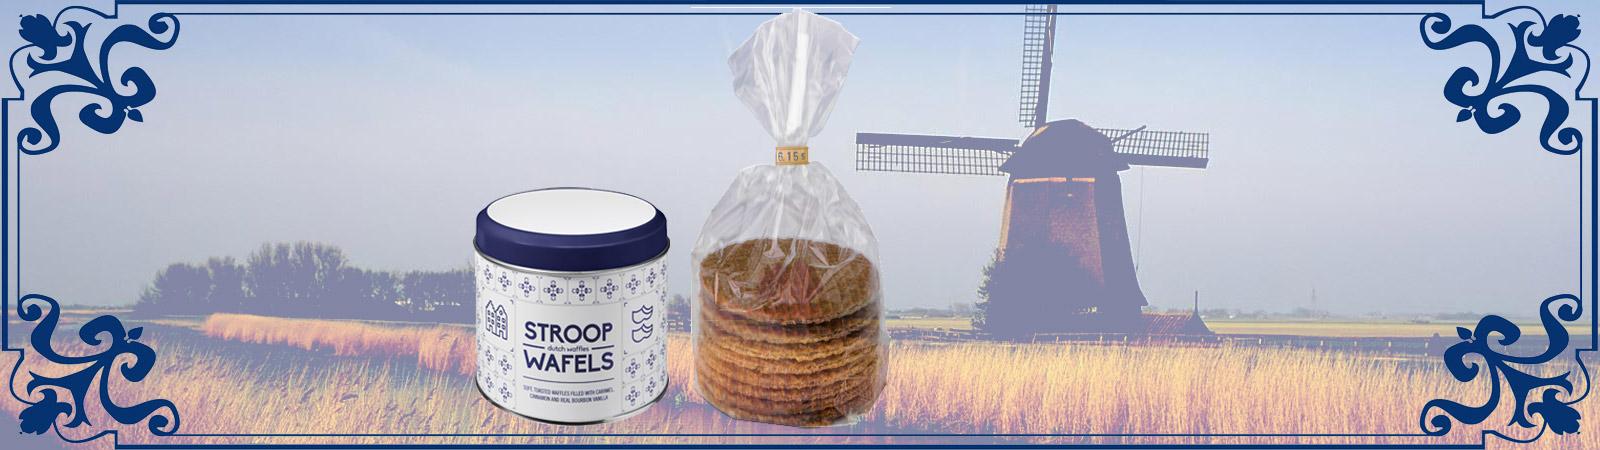 Stroopwafels in oud-Hollands blik met uw logo is een warme binnenkomer, geleverd door Prikkels uit Eindhoven.